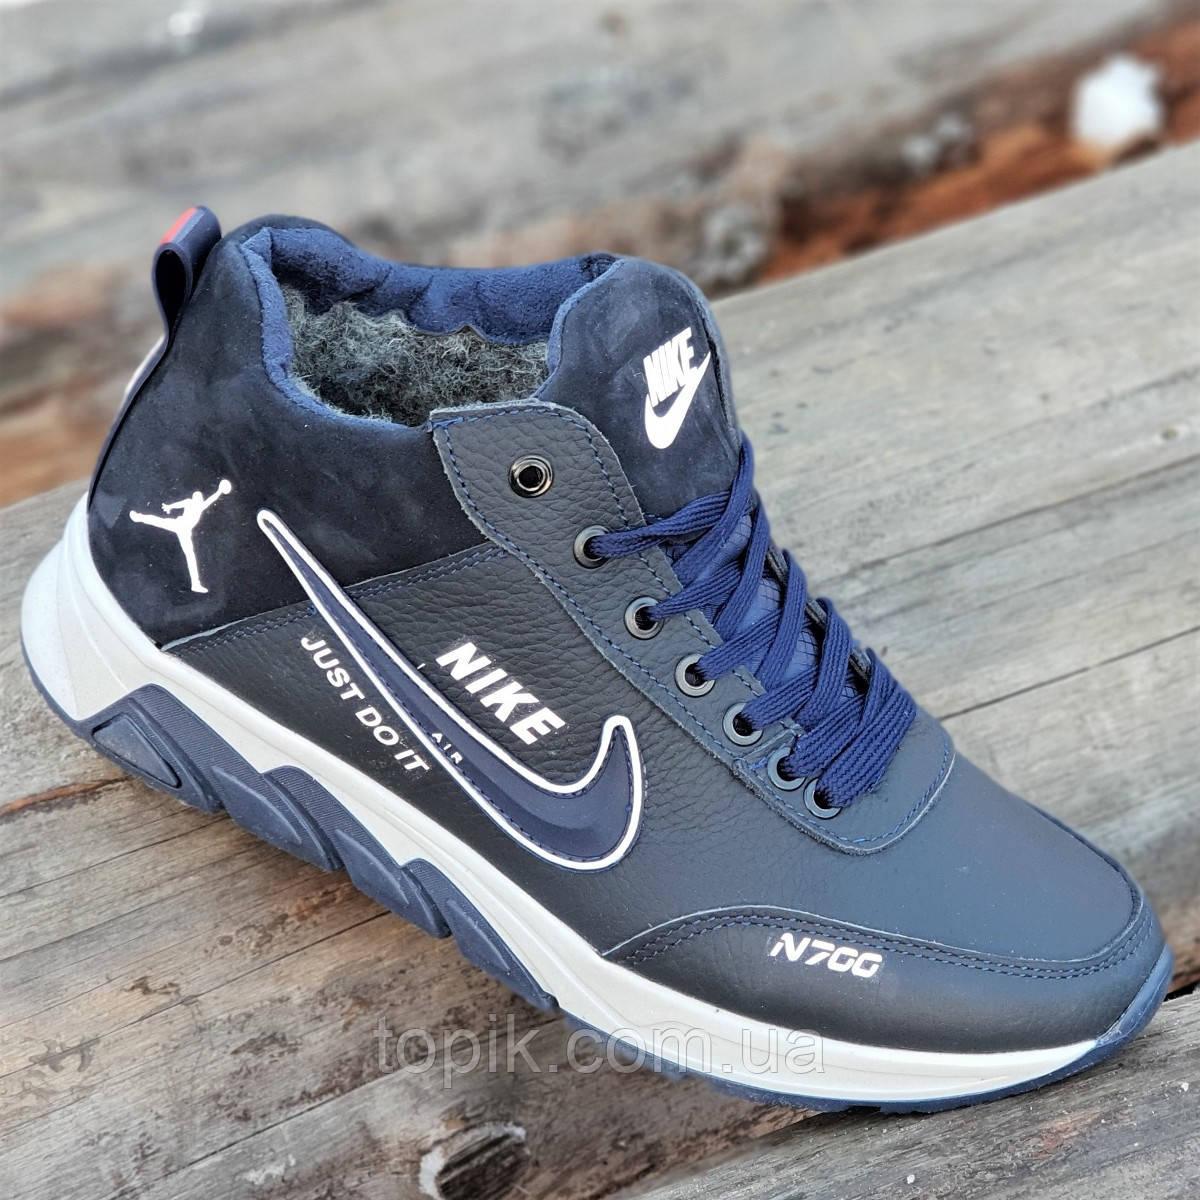 Зимние мужские кроссовки на меху кожаные темно синие стильные на белой толстой подошве (Код: 1322)